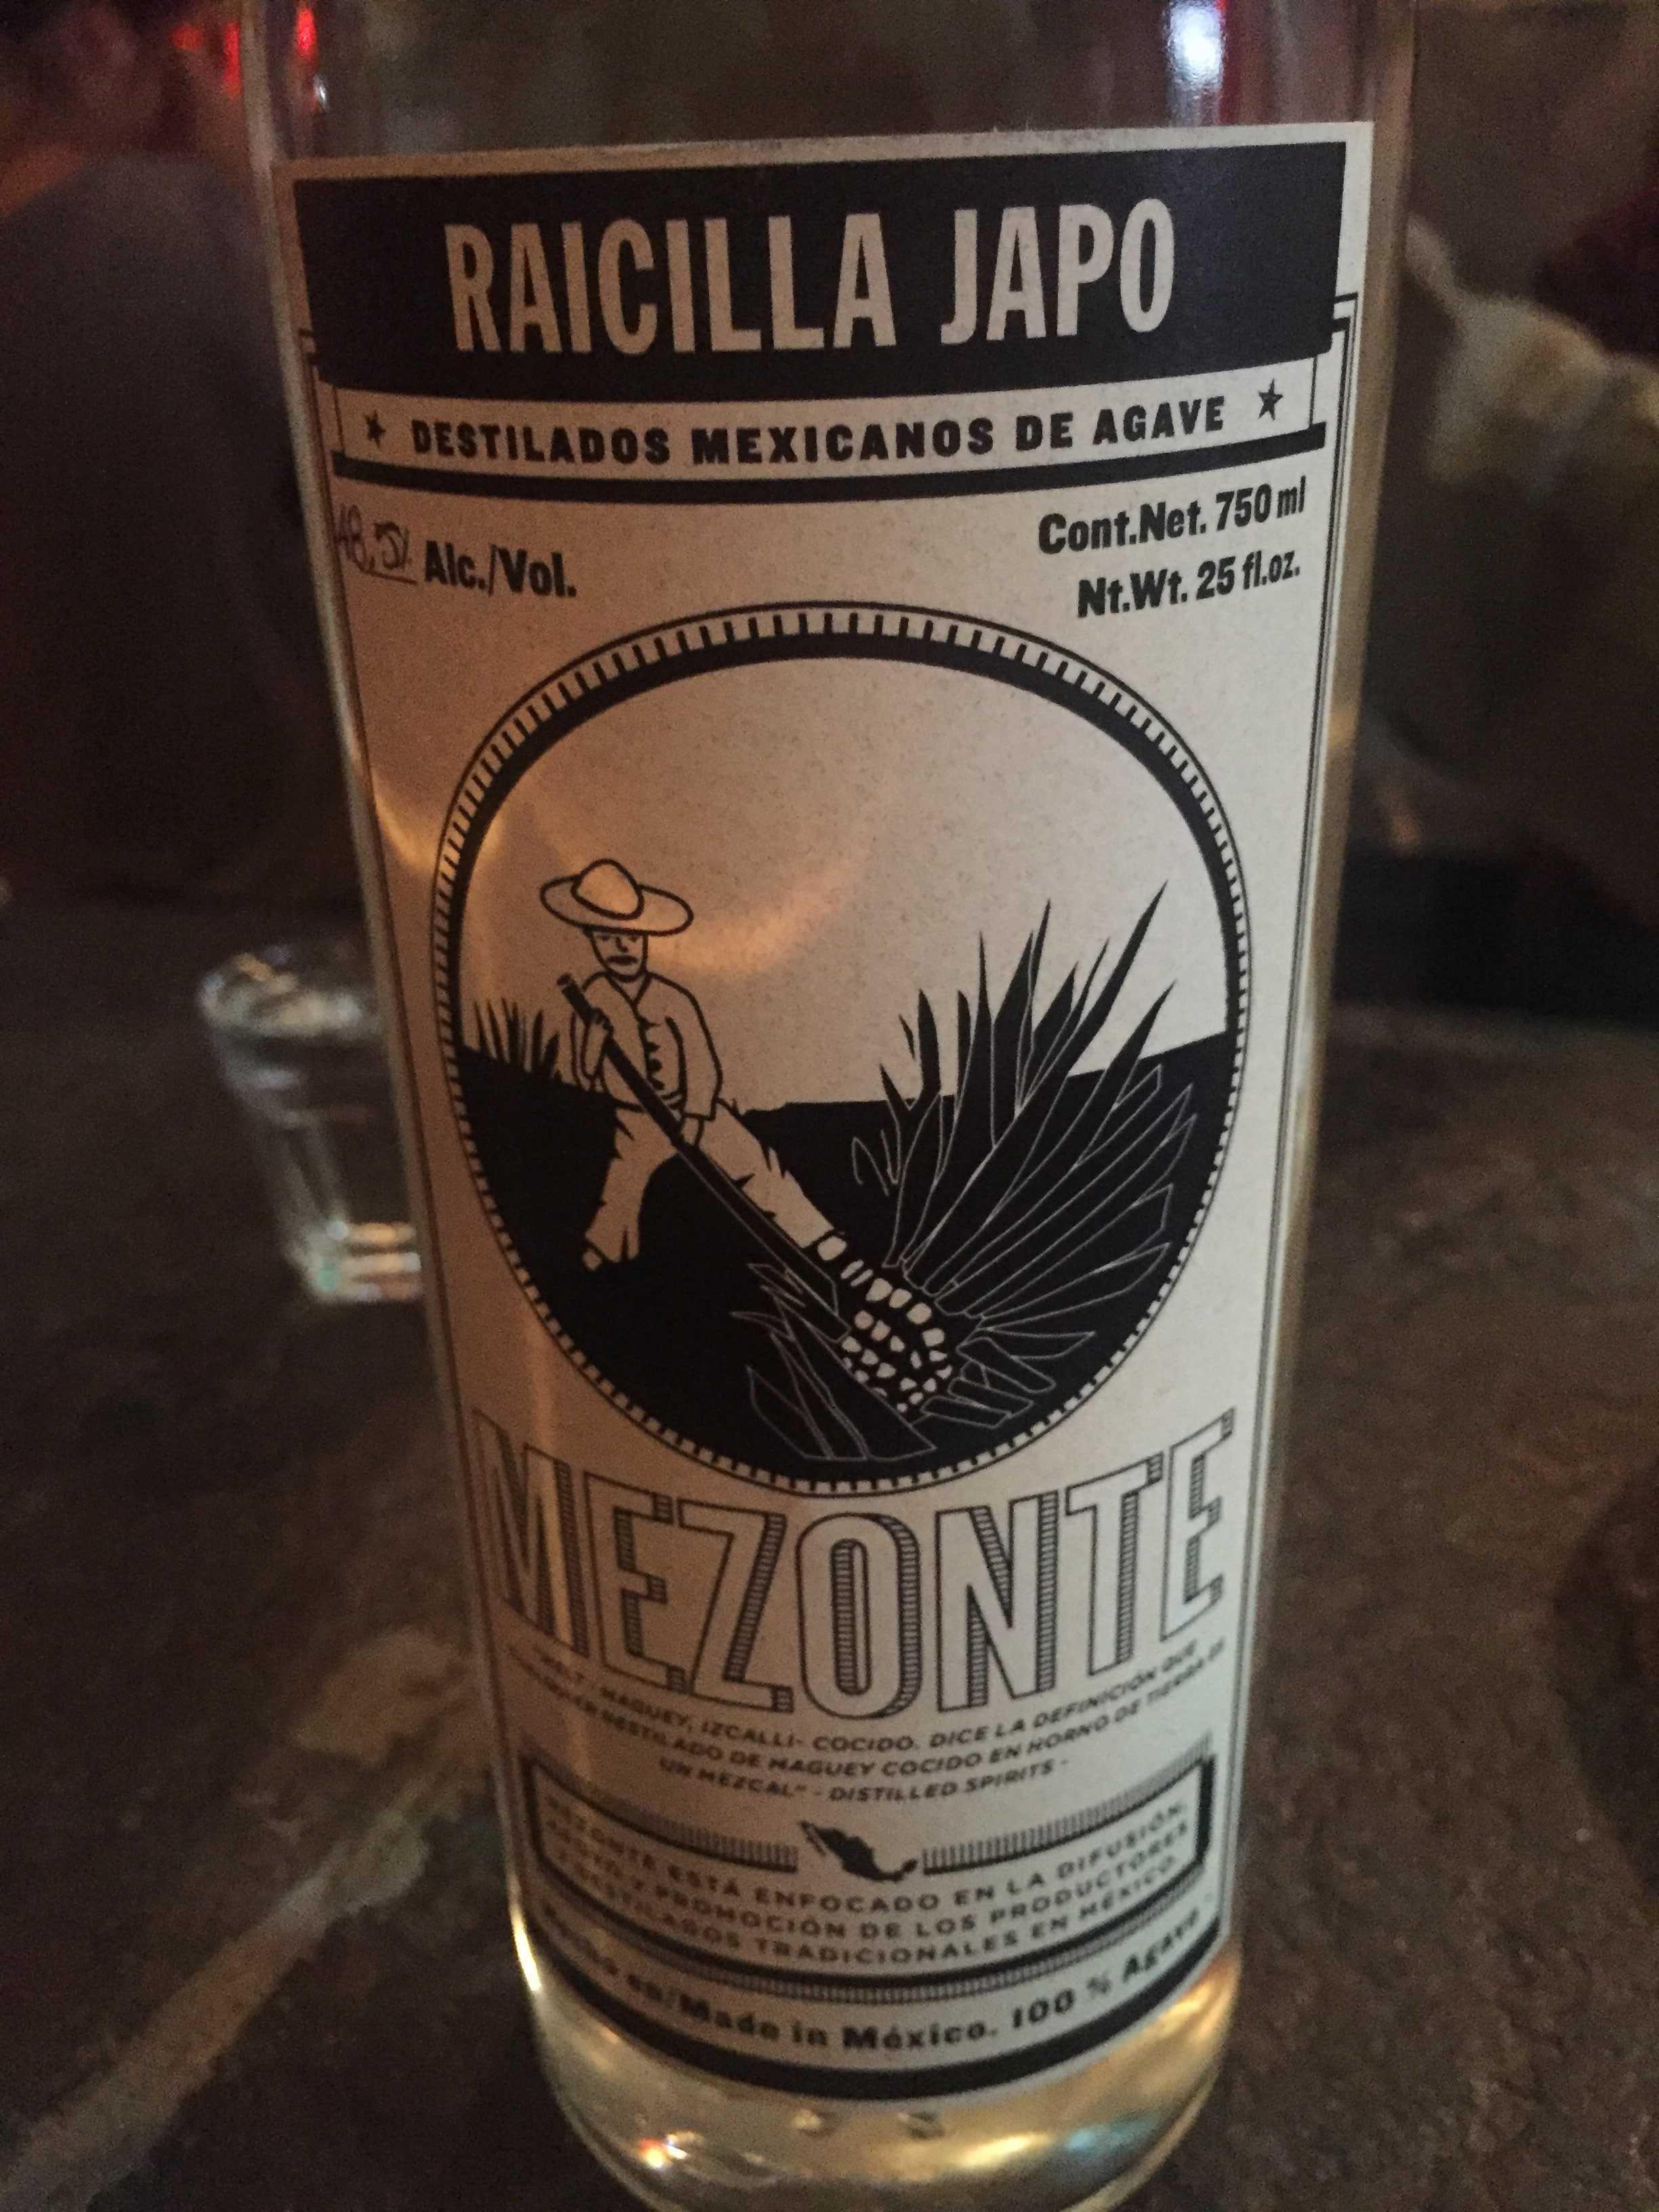 Mezonte's Raiclla Japo